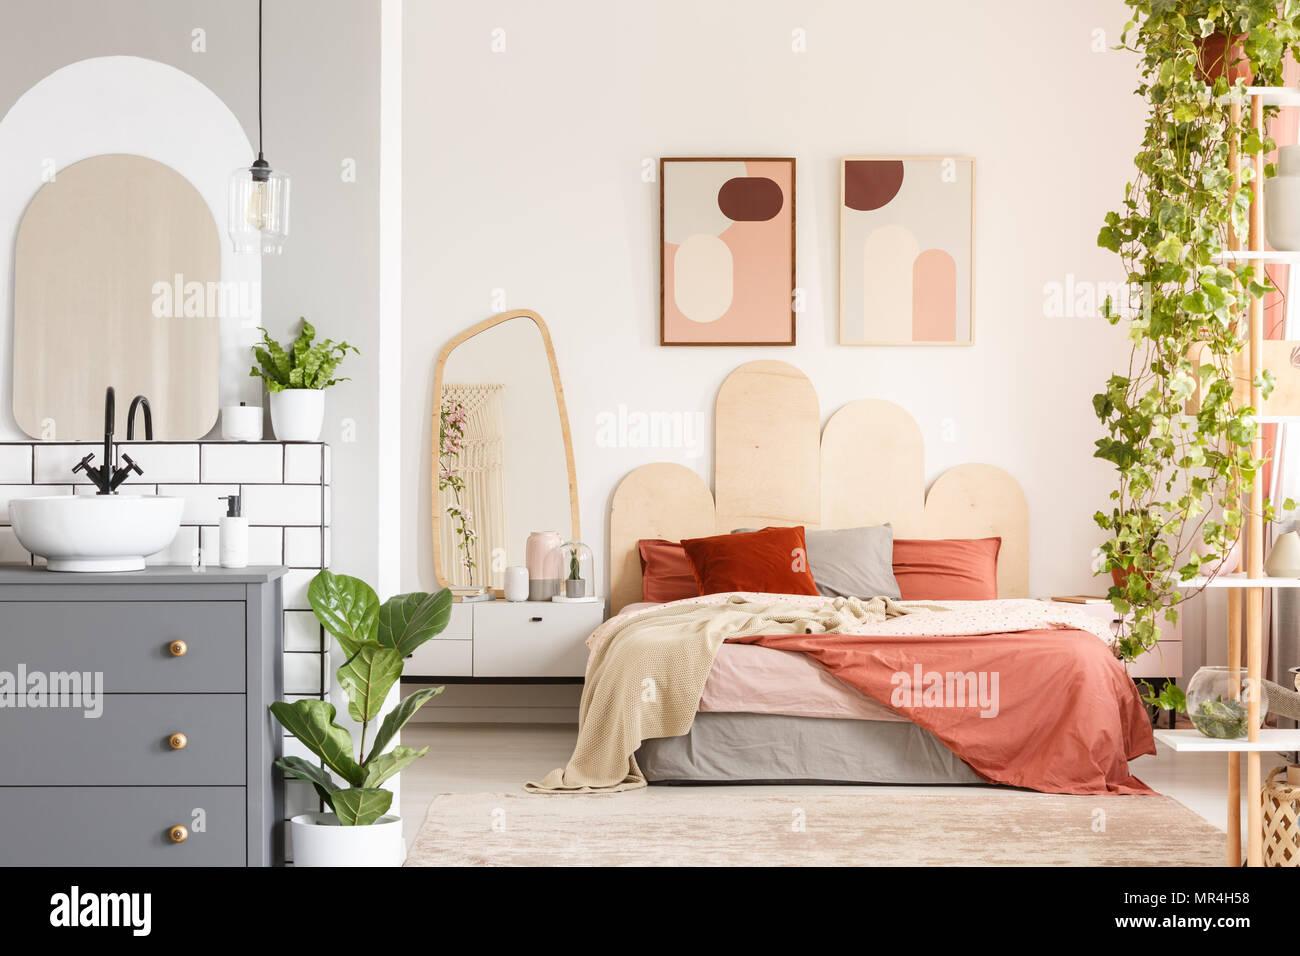 Orange cuscini sul letto accanto a uno specchio in camera da ...